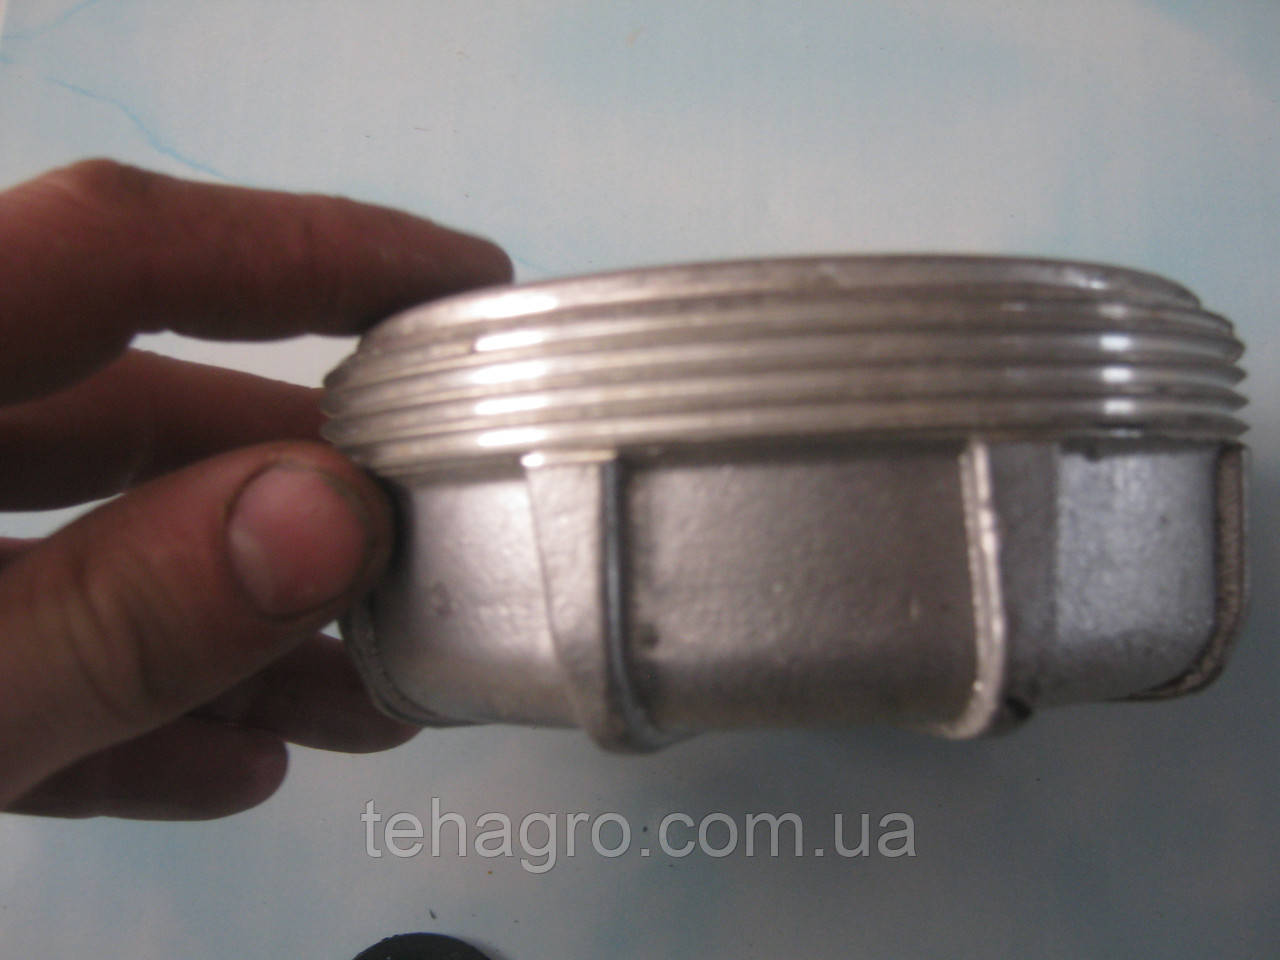 Крышка нагнетателя воздуха( верхняя) TAD-LEN 100л/мин. Металическая. 100